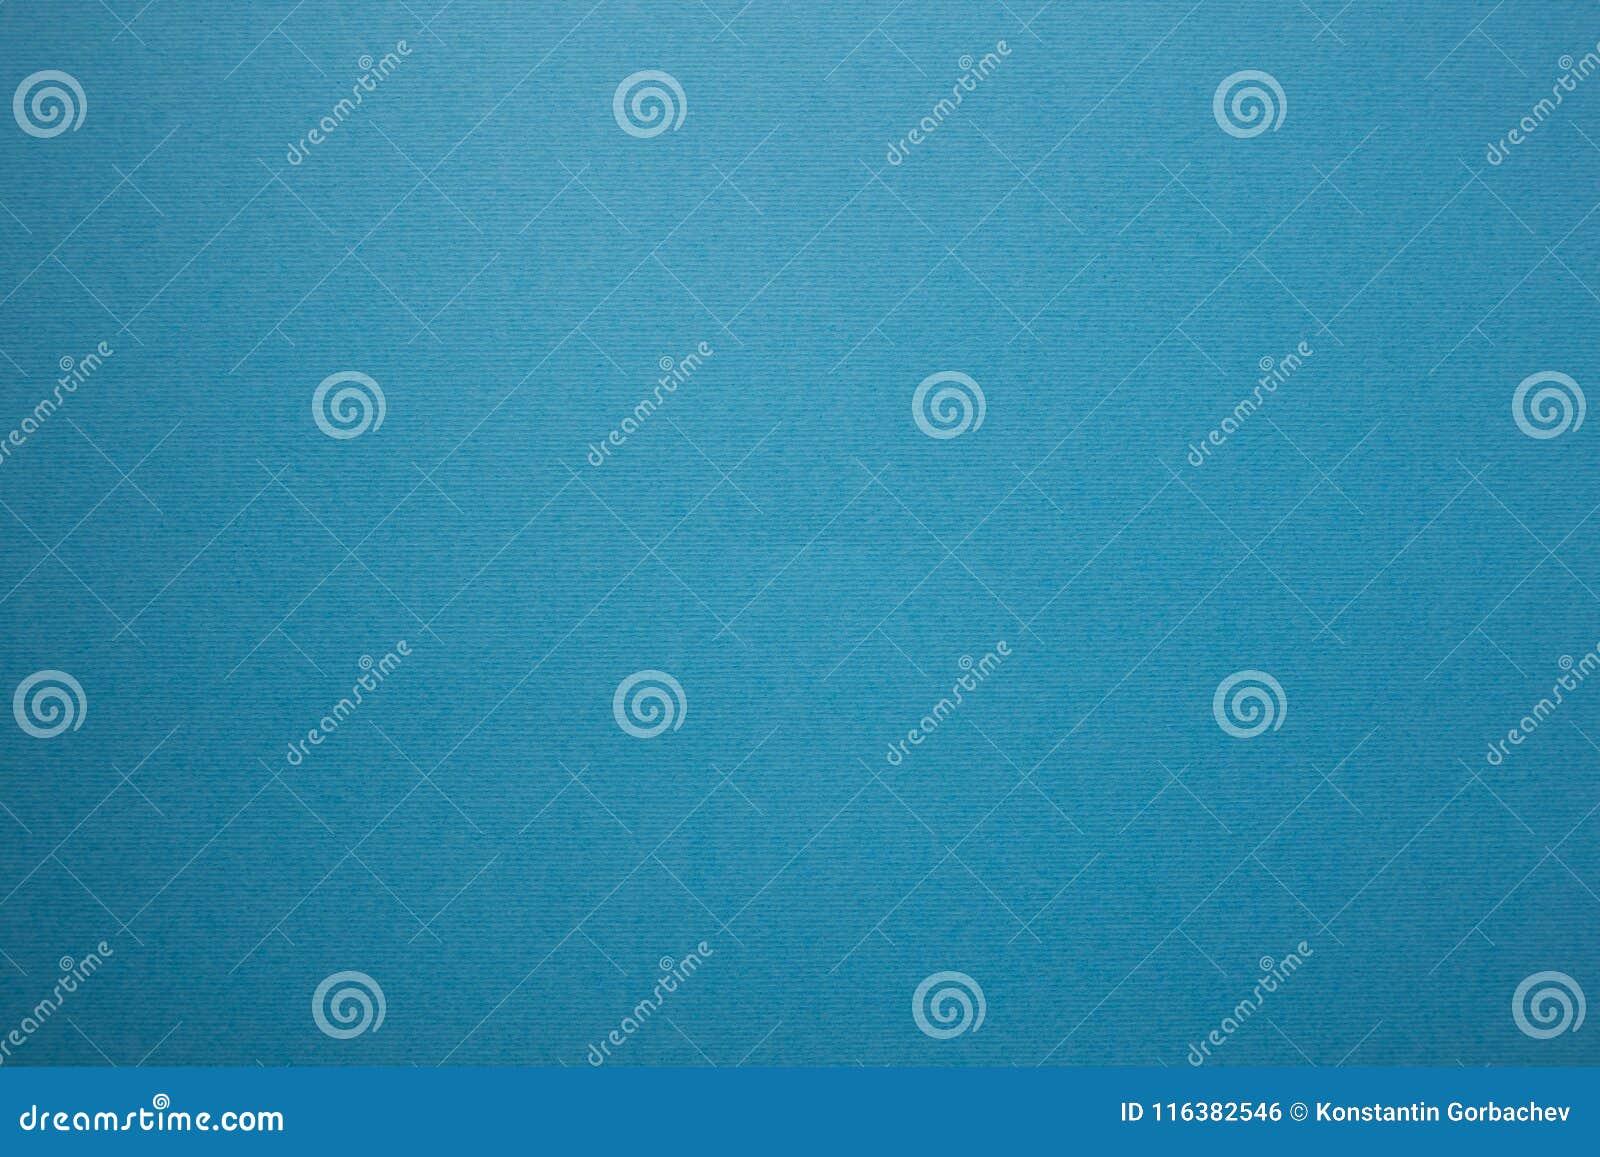 Blauwe achtergrond, geweven in reliëf gemaakte oppervlakte voor ontwerp